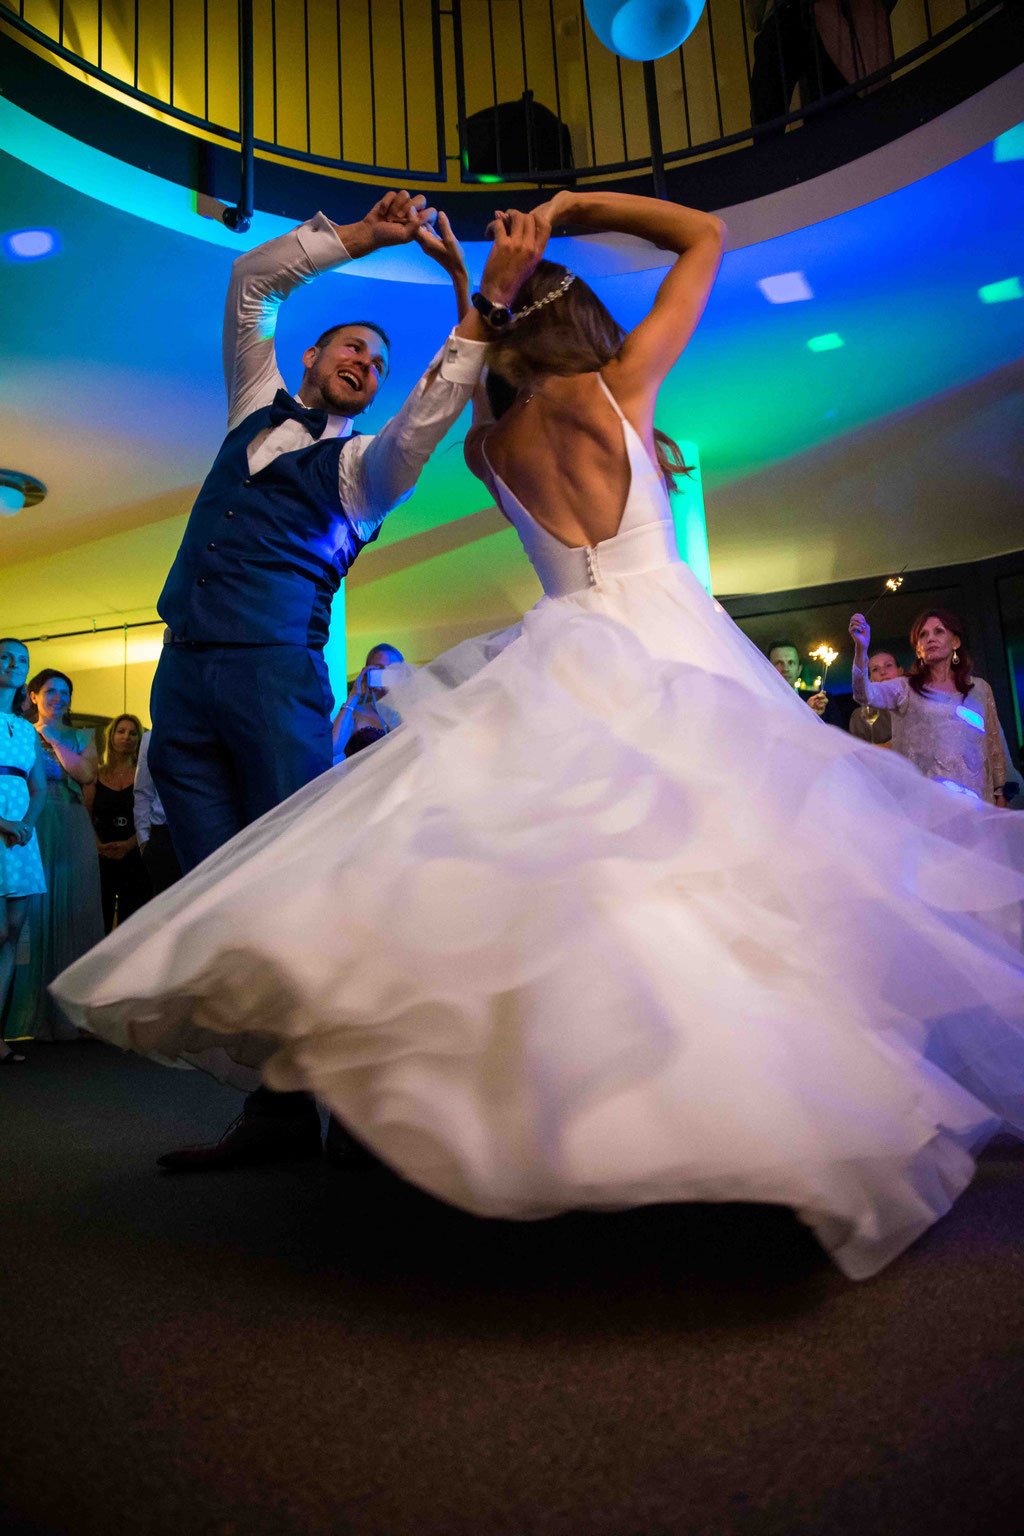 Hofgut Donnersberg, Außerhalb 3, 55578 Vendersheim, Hochzeitsfotograf, Hochzeitsbilder, Hochzeitsfoto, Paarbilder, Ehefoto, Hochzeitsreportage Hofgut Donnersberg, Hochzeitstanz